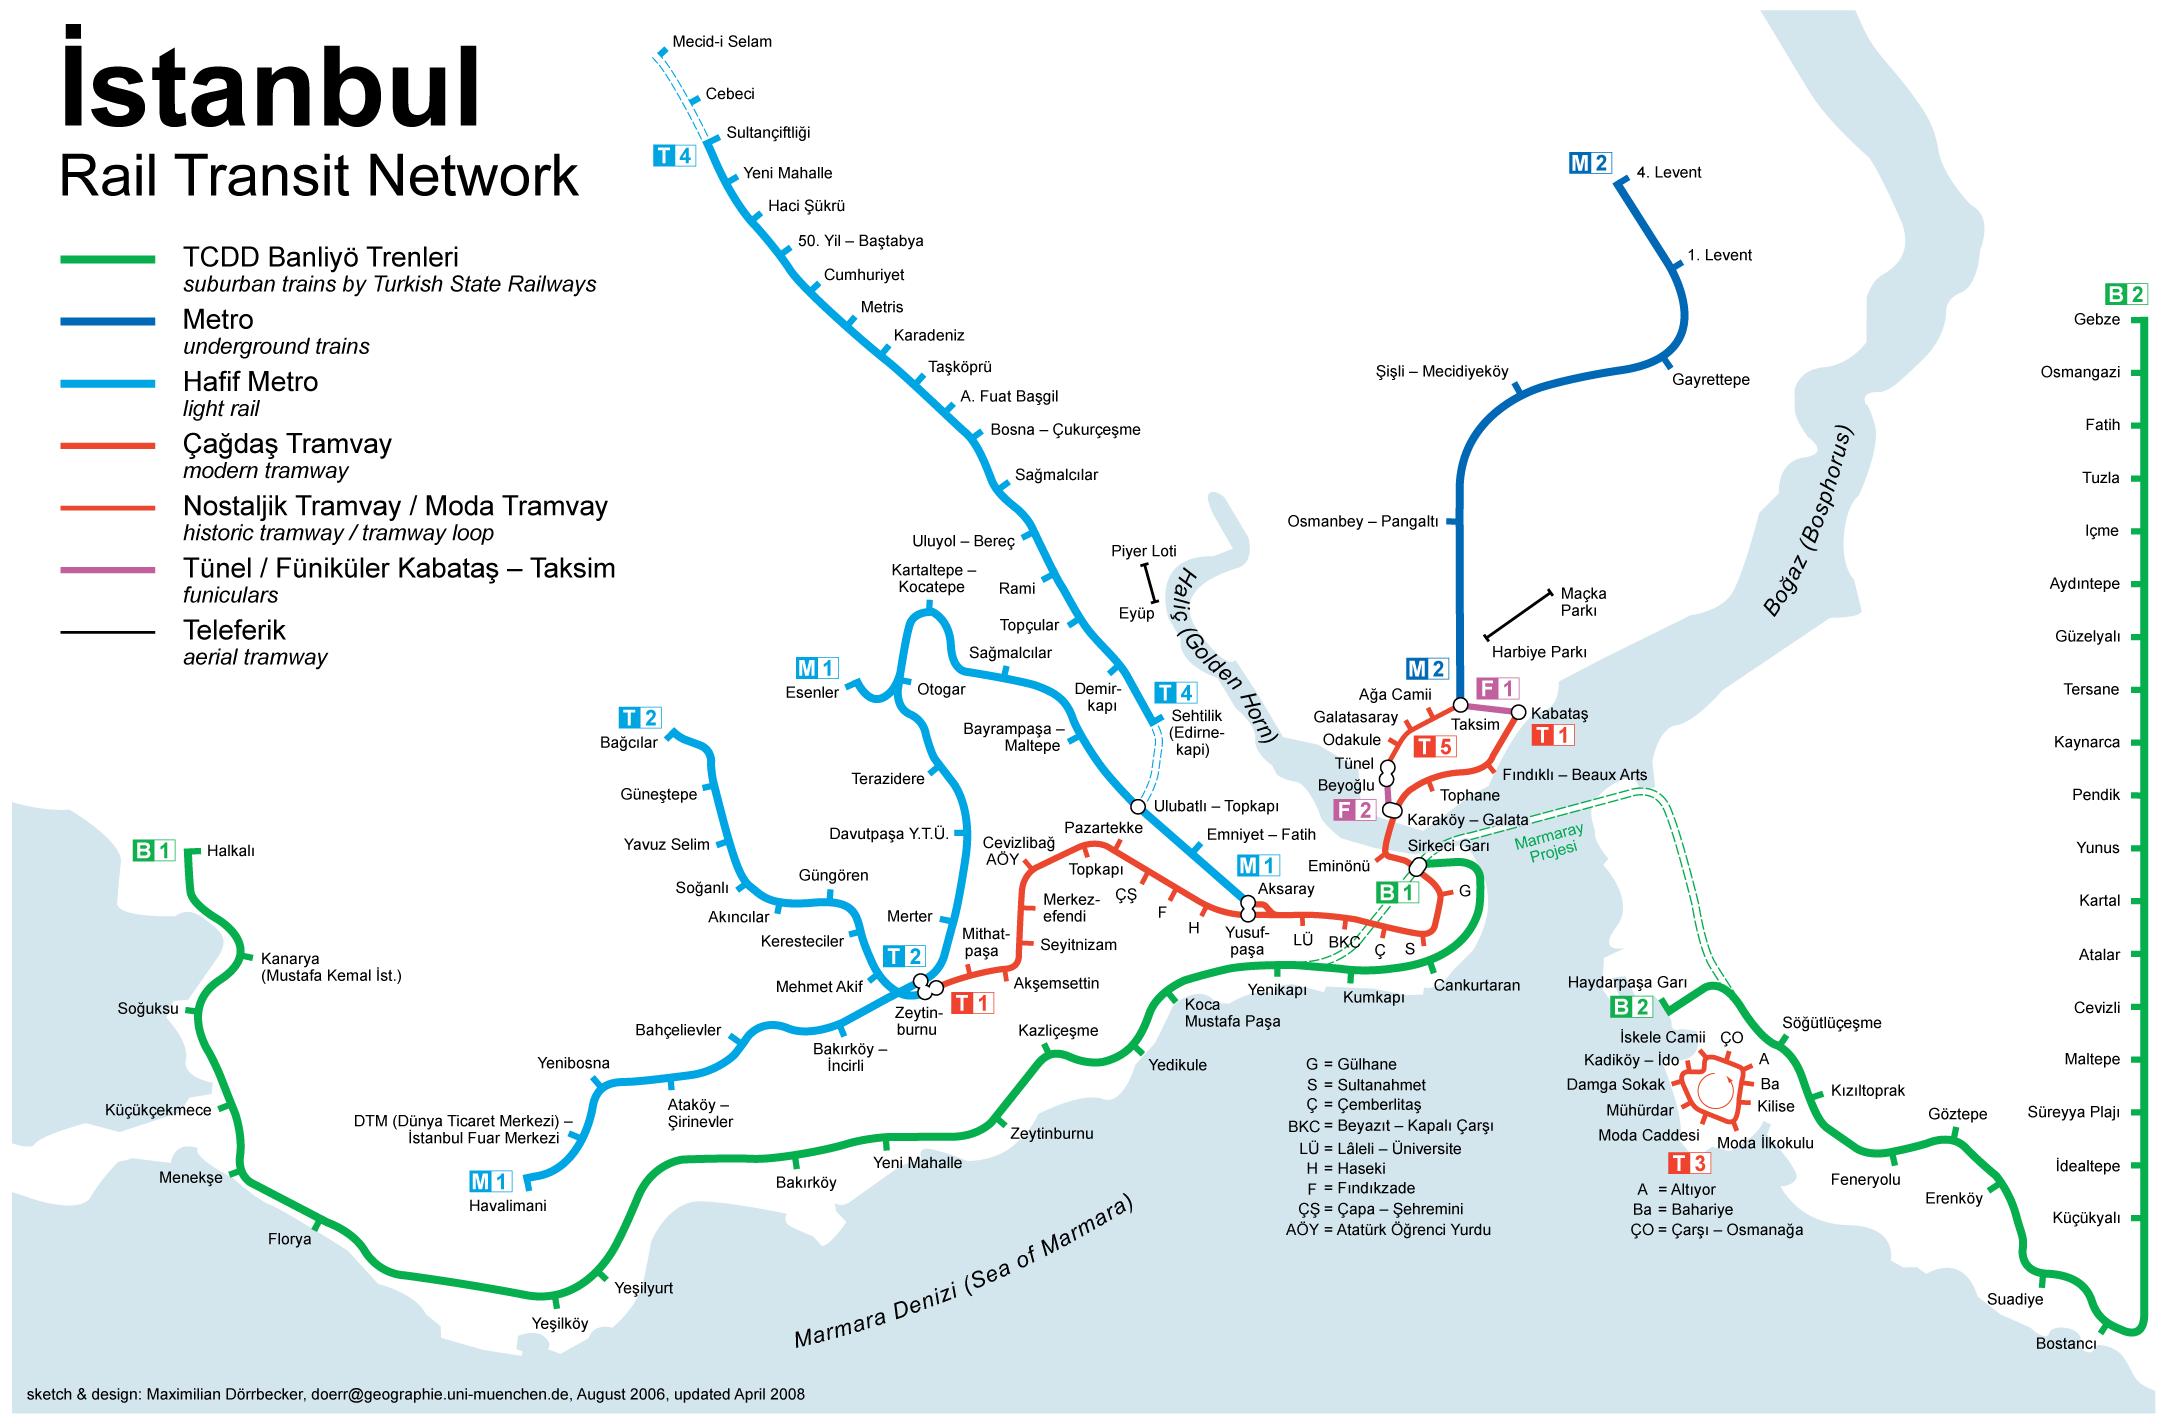 """В терминале аэропорта идете по указателям  """"Metro/Subway """" и выходите на станцию стамбульского метро под названием..."""